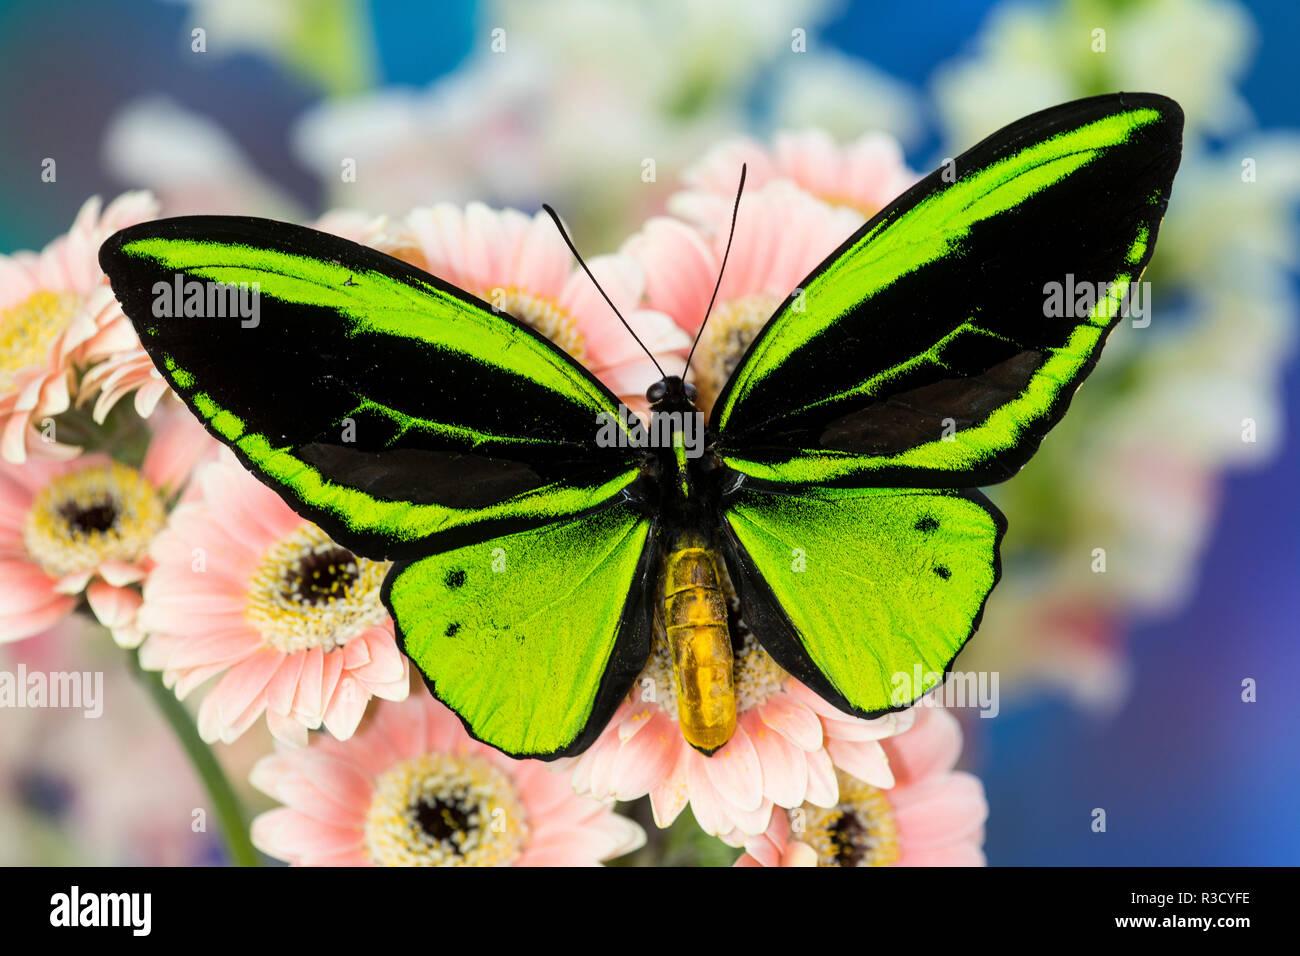 Maschio di farfalle tropicali Ornithoptera un Birdwing farfalla sulla Rosa Gerber Daisy Immagini Stock